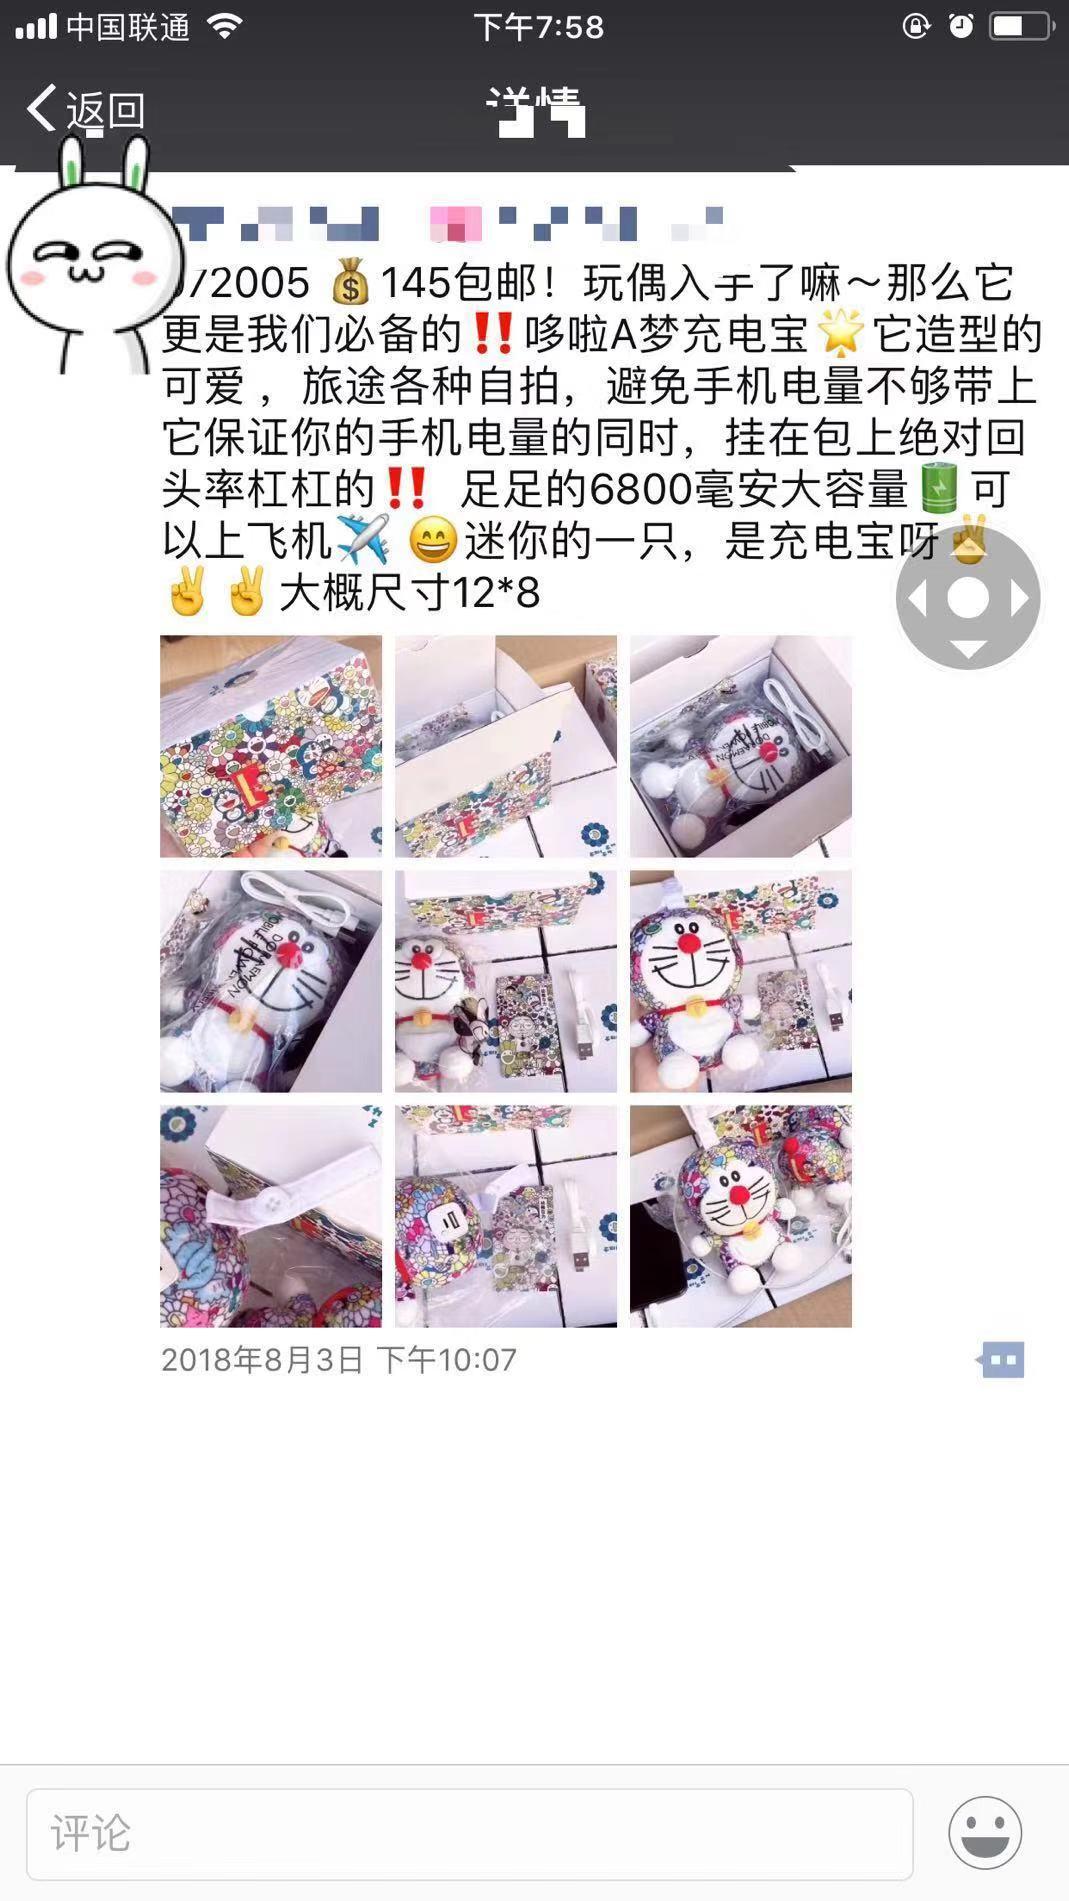 嗨团哆啦A梦移动电源充电宝81.jpg